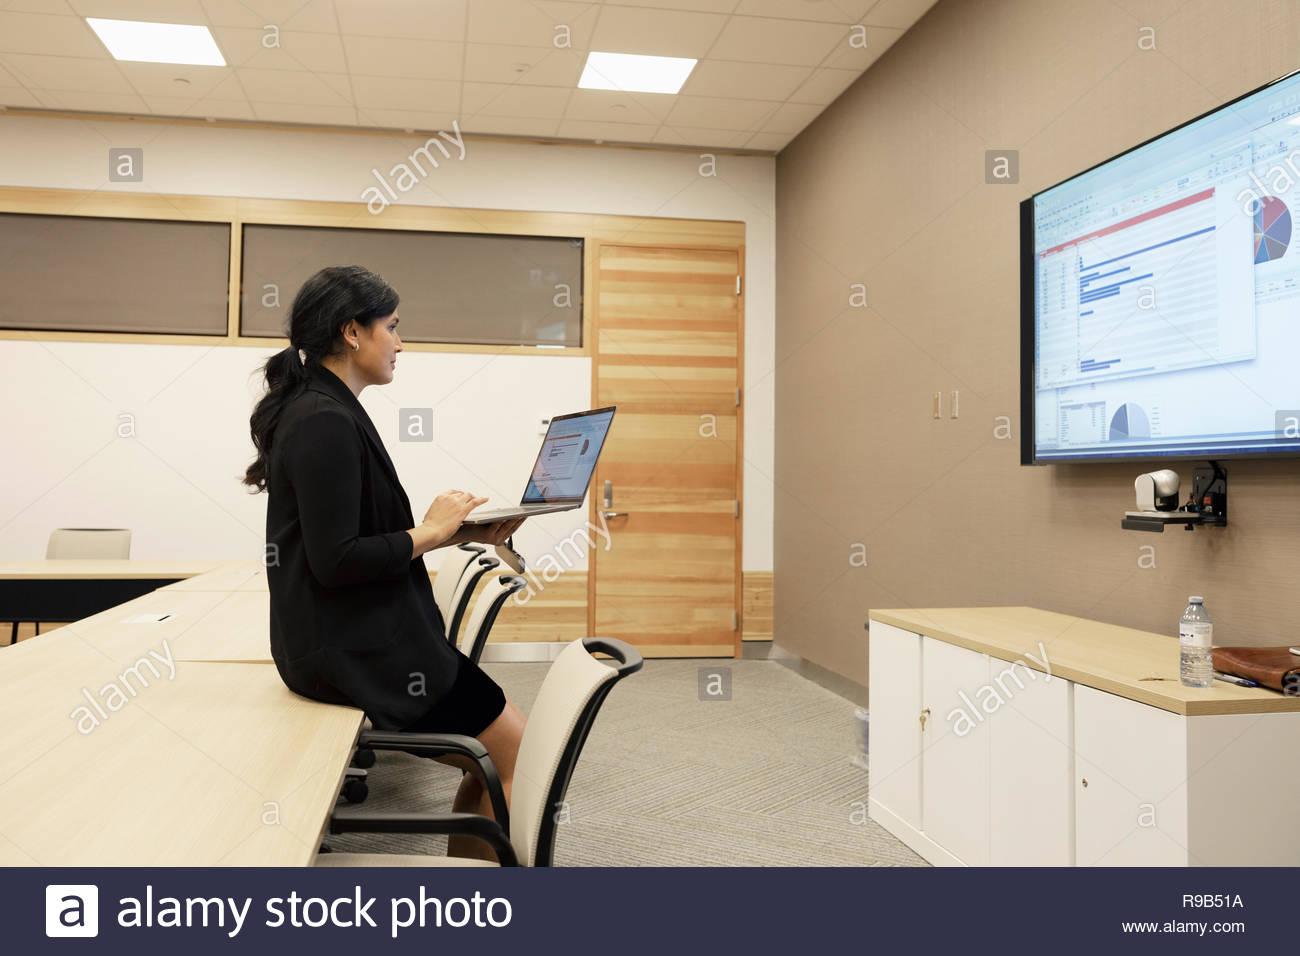 La empresaria preparación presentación audiovisual en la sala Imagen De Stock